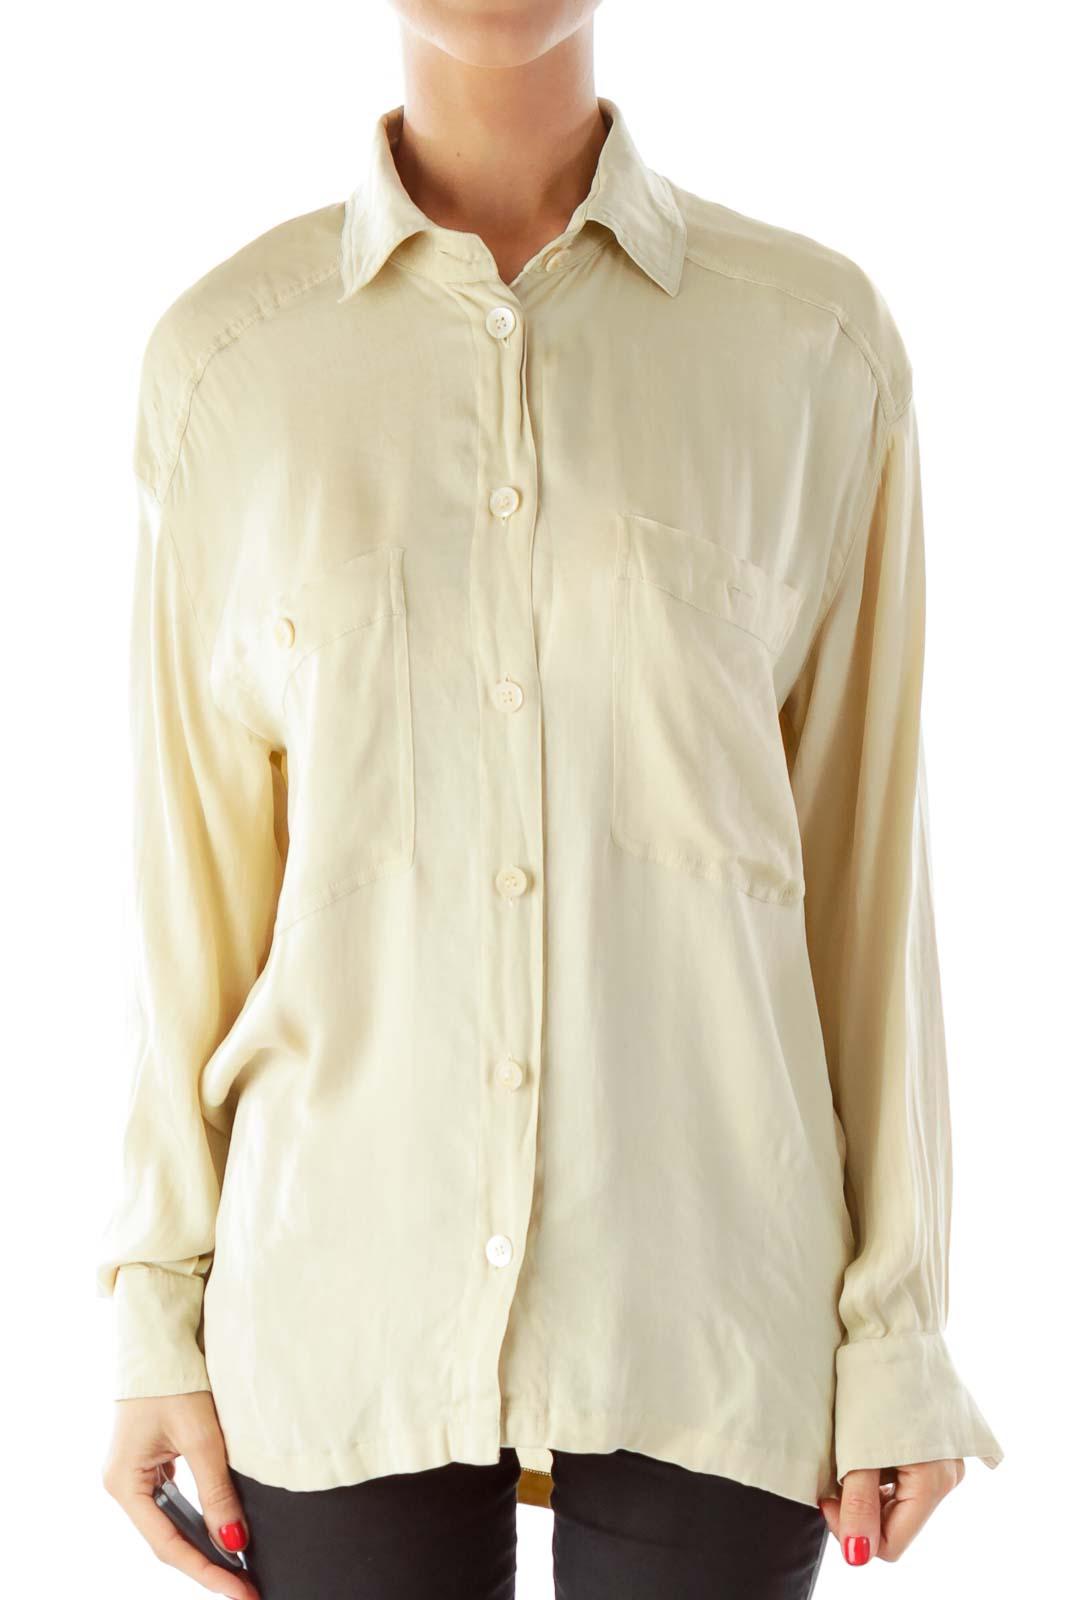 Brown Button Down Shirt